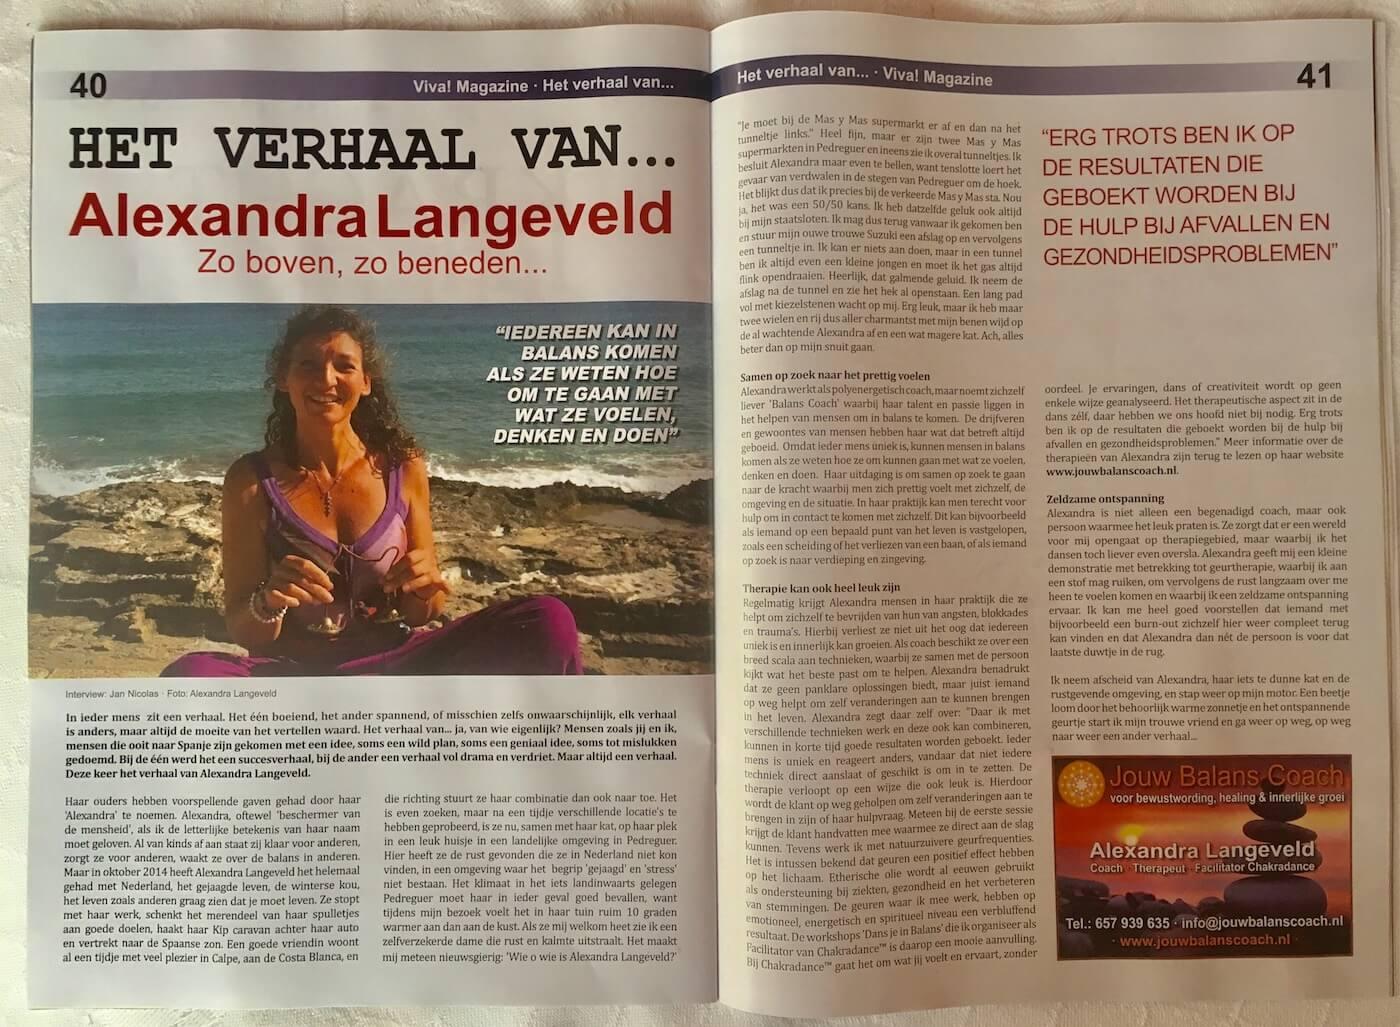 VIVA Magazine - Het verhaal van Alexandra Langeveld